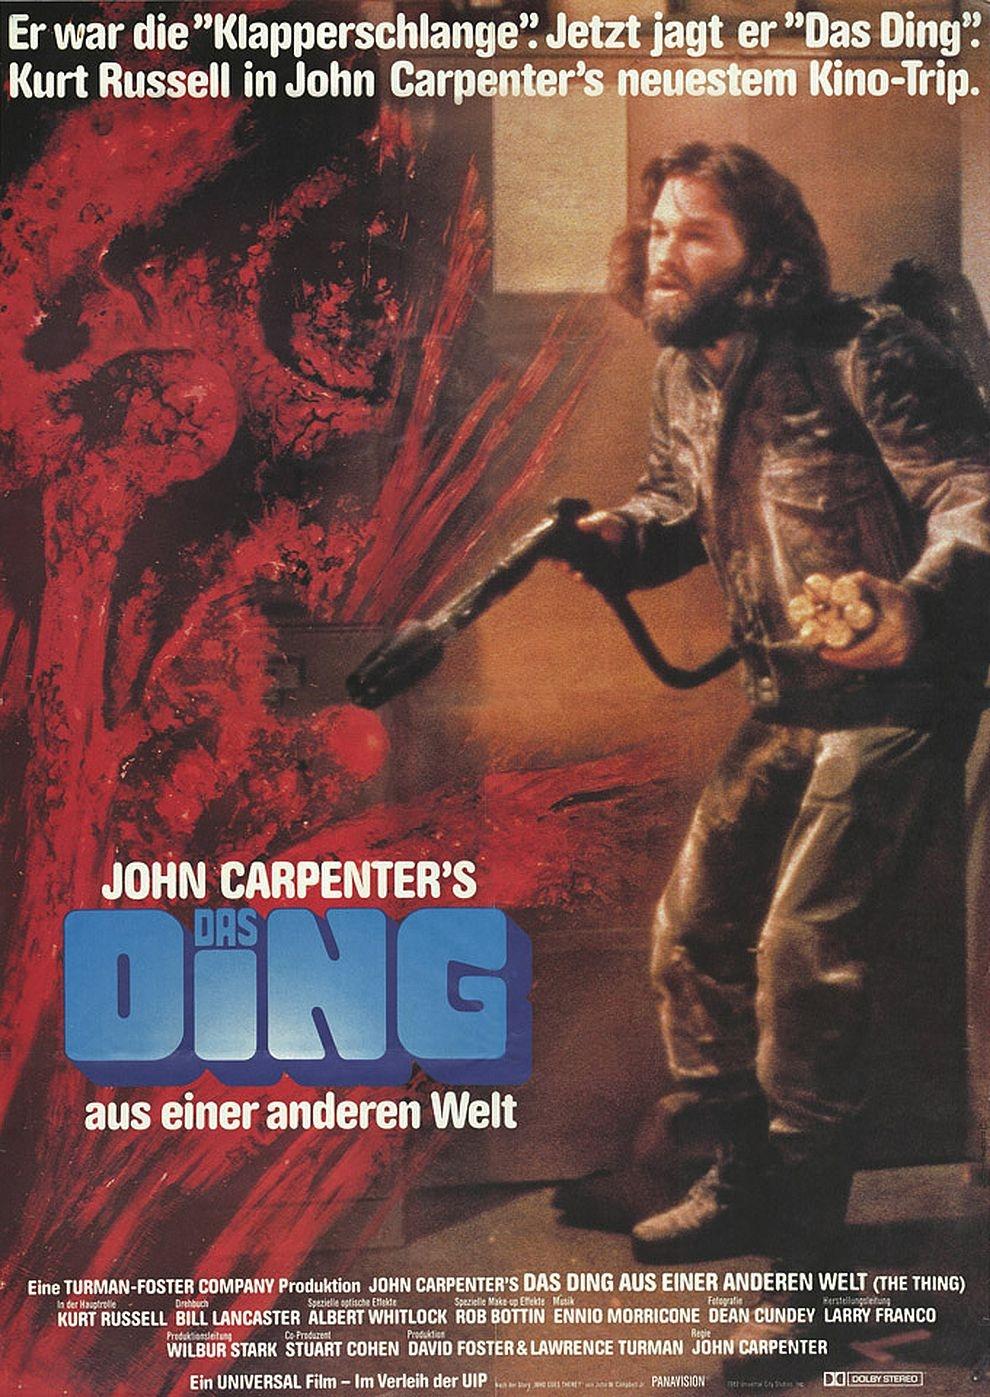 Das Ding aus einer anderen Welt (Poster)